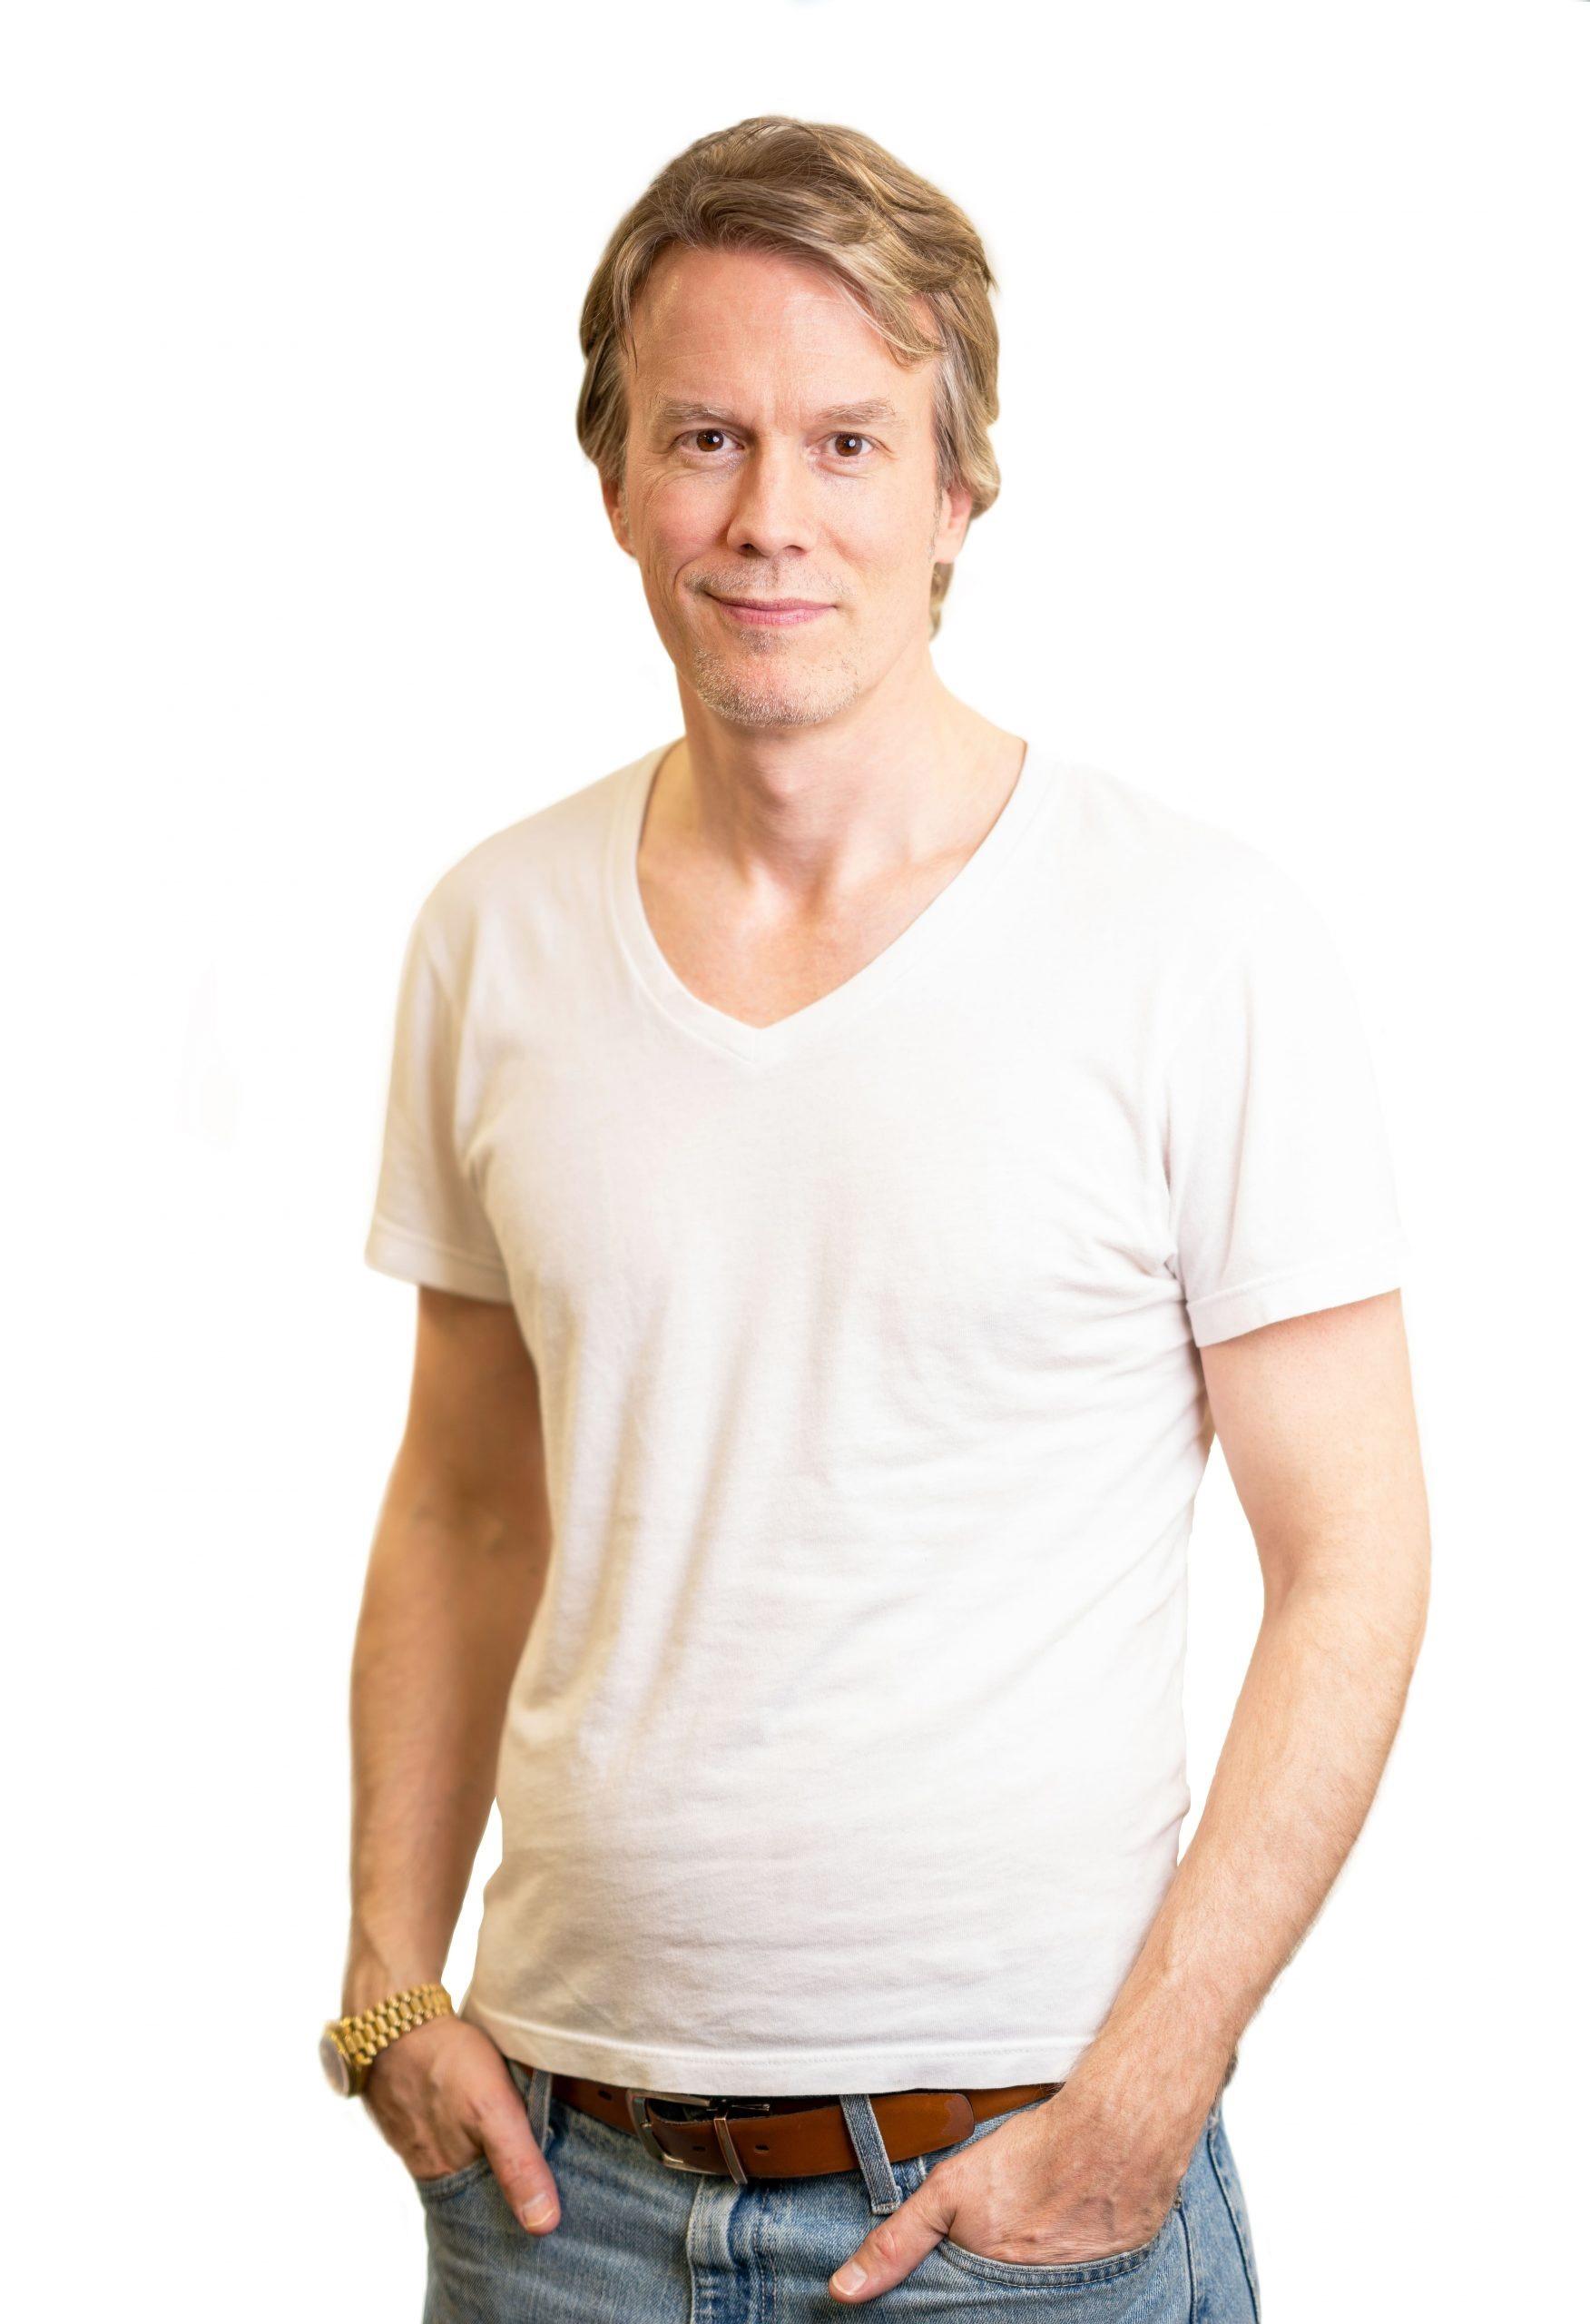 Christian Nagle